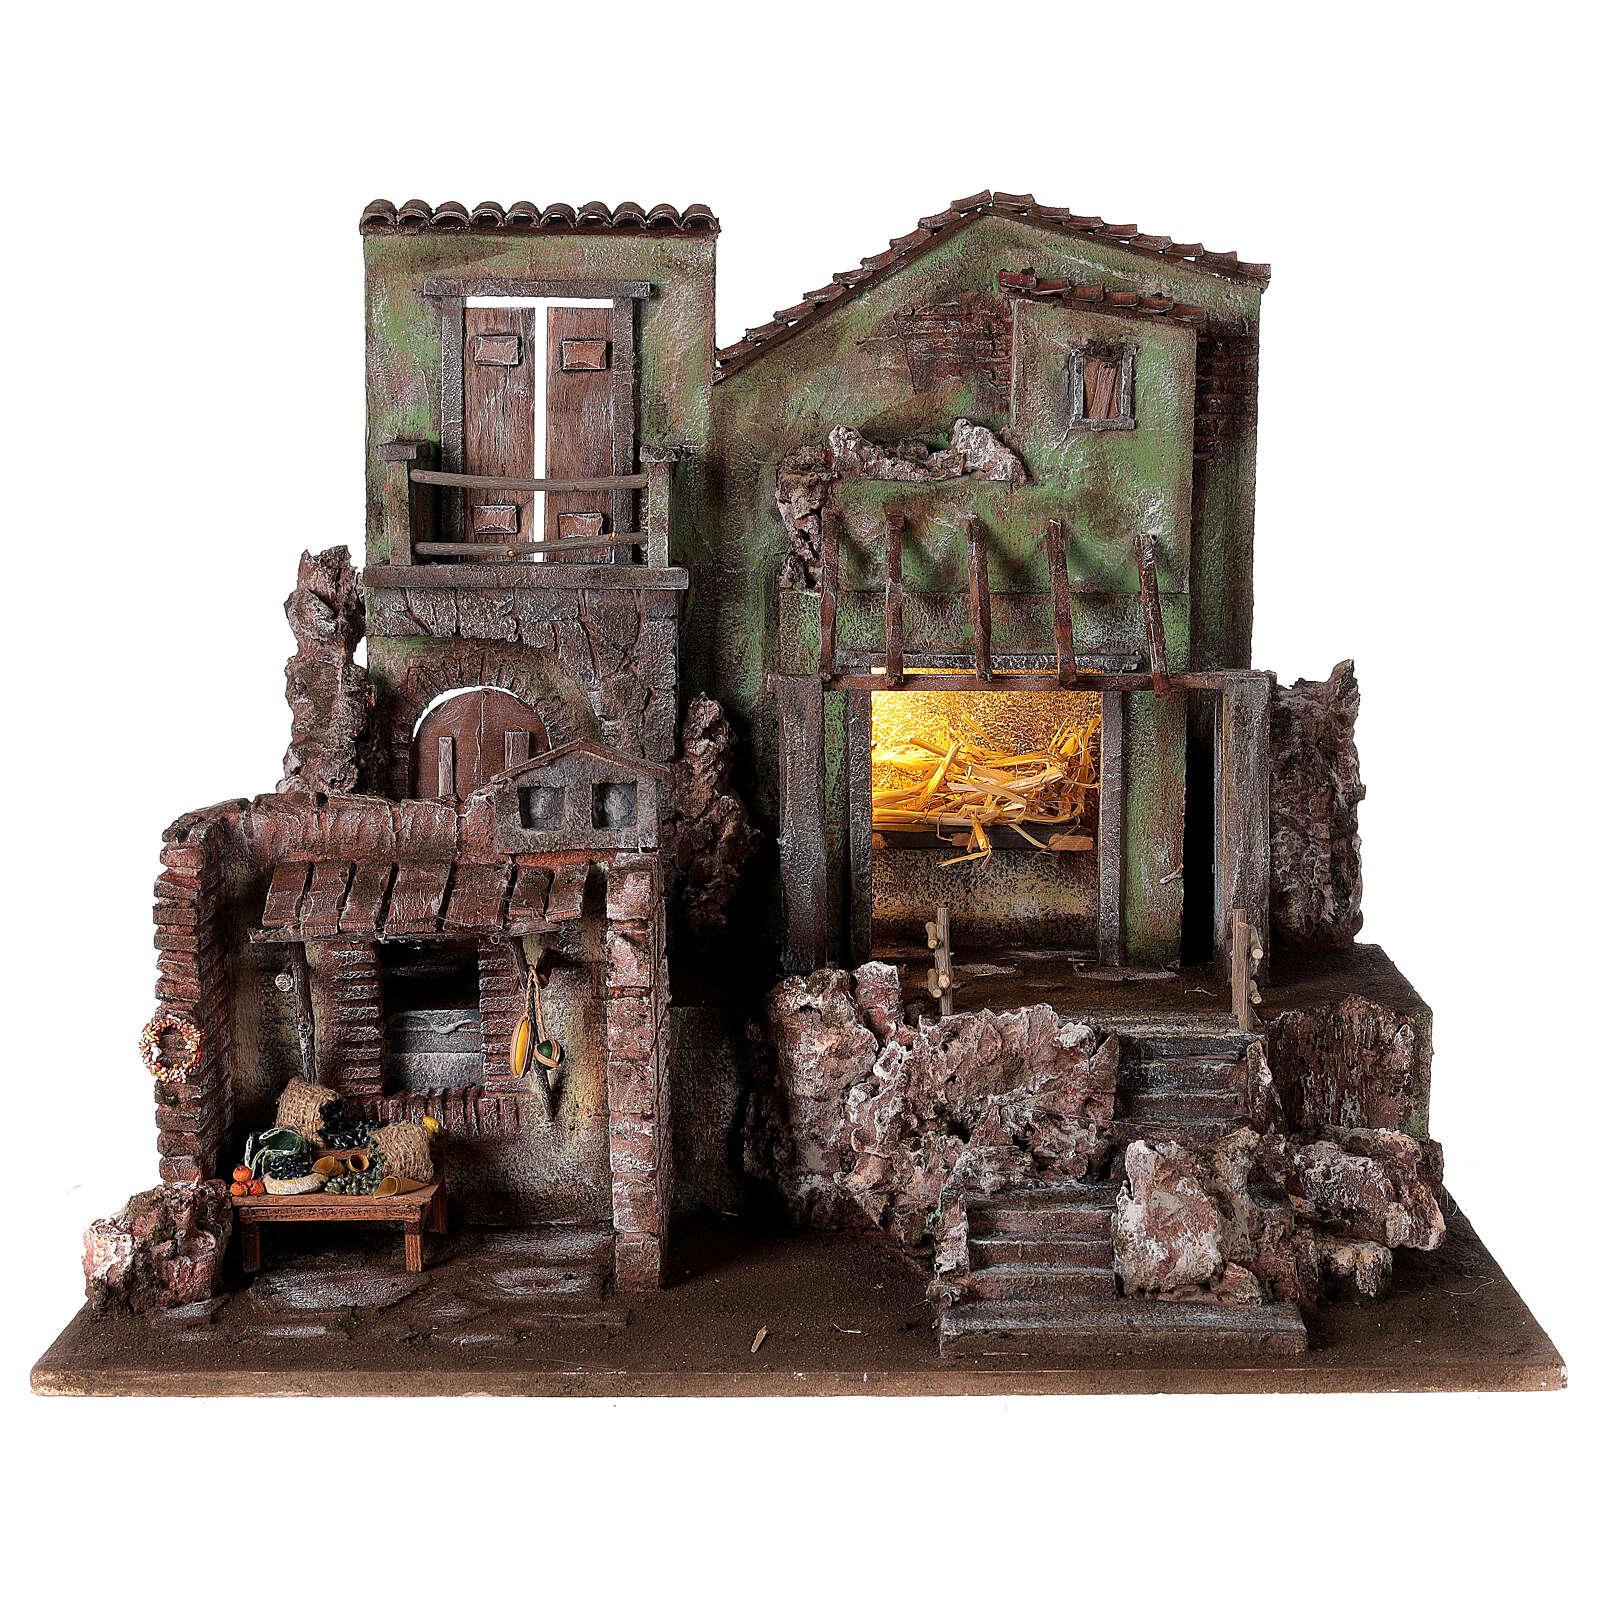 Borgo presepe illuminato con stalla e bottega 50x60x40 per statue 12 cm 4